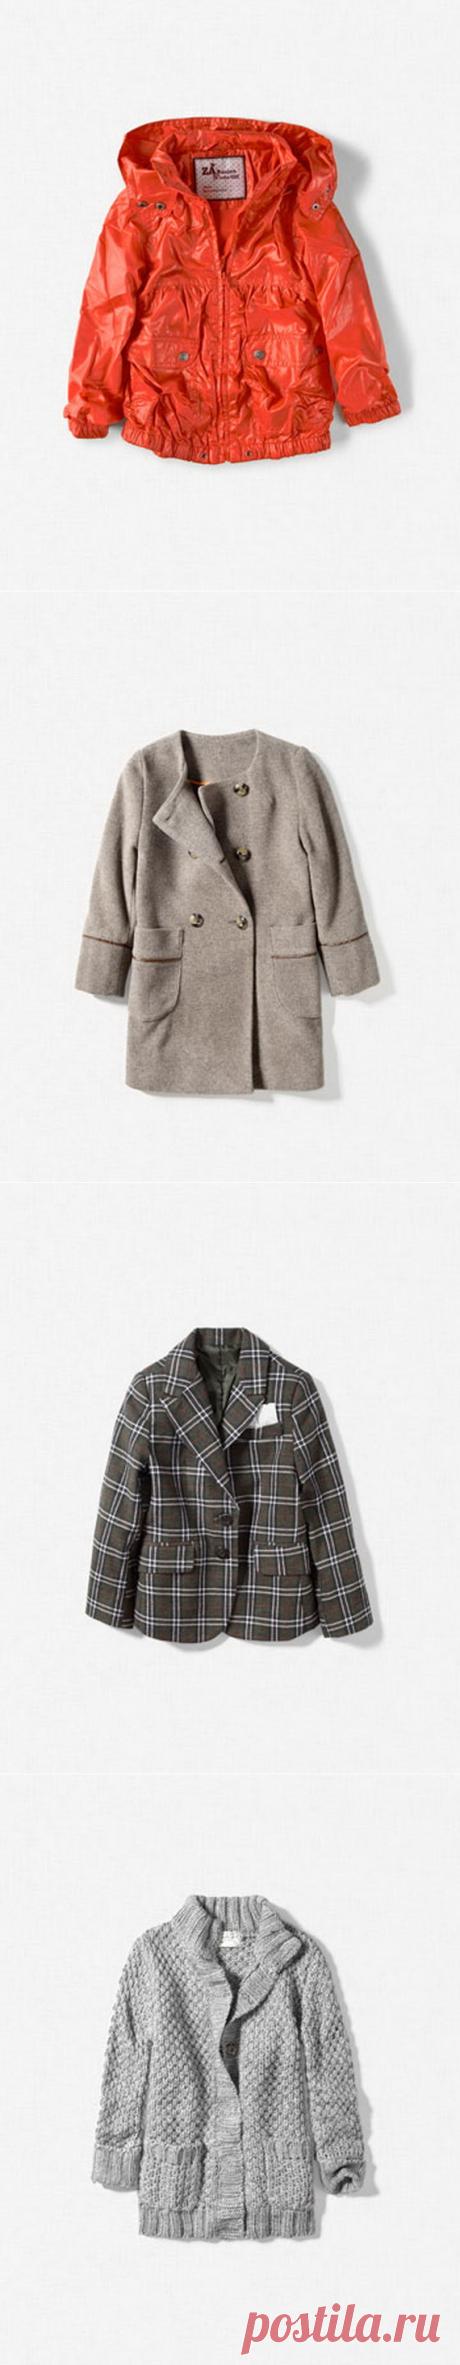 جواكت شتوية للبنوتات 2020 - ارق ملابس شتوية للبنات 2020 - ازياء شتاء 2020 للاطفال - Girls winter jackets 2020